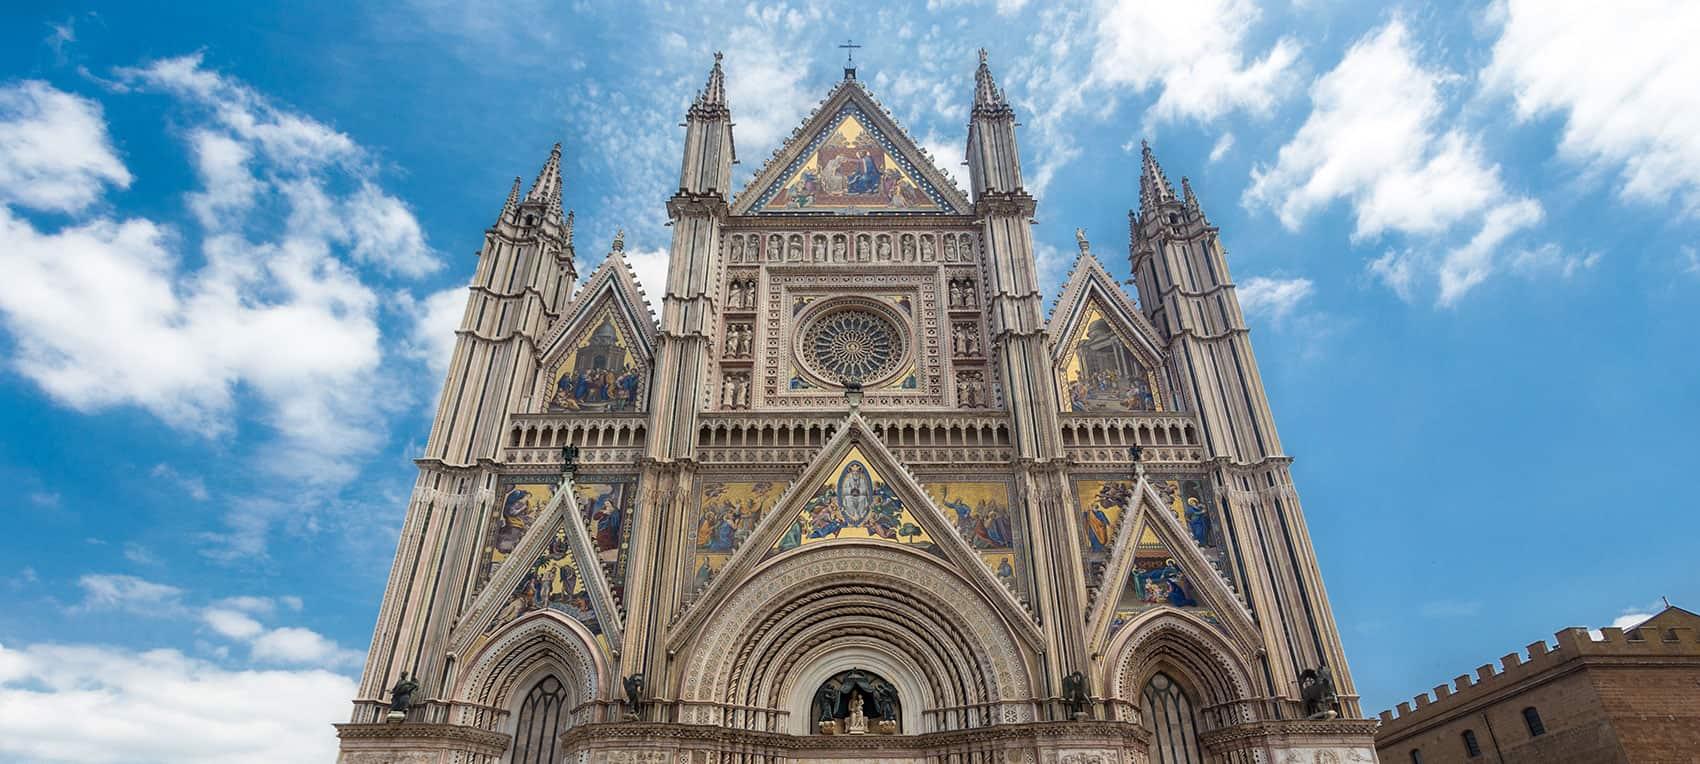 Il duomo di Orvieto - © Vaghis - viaggi & turismo Italia Tutti i diritti riservati